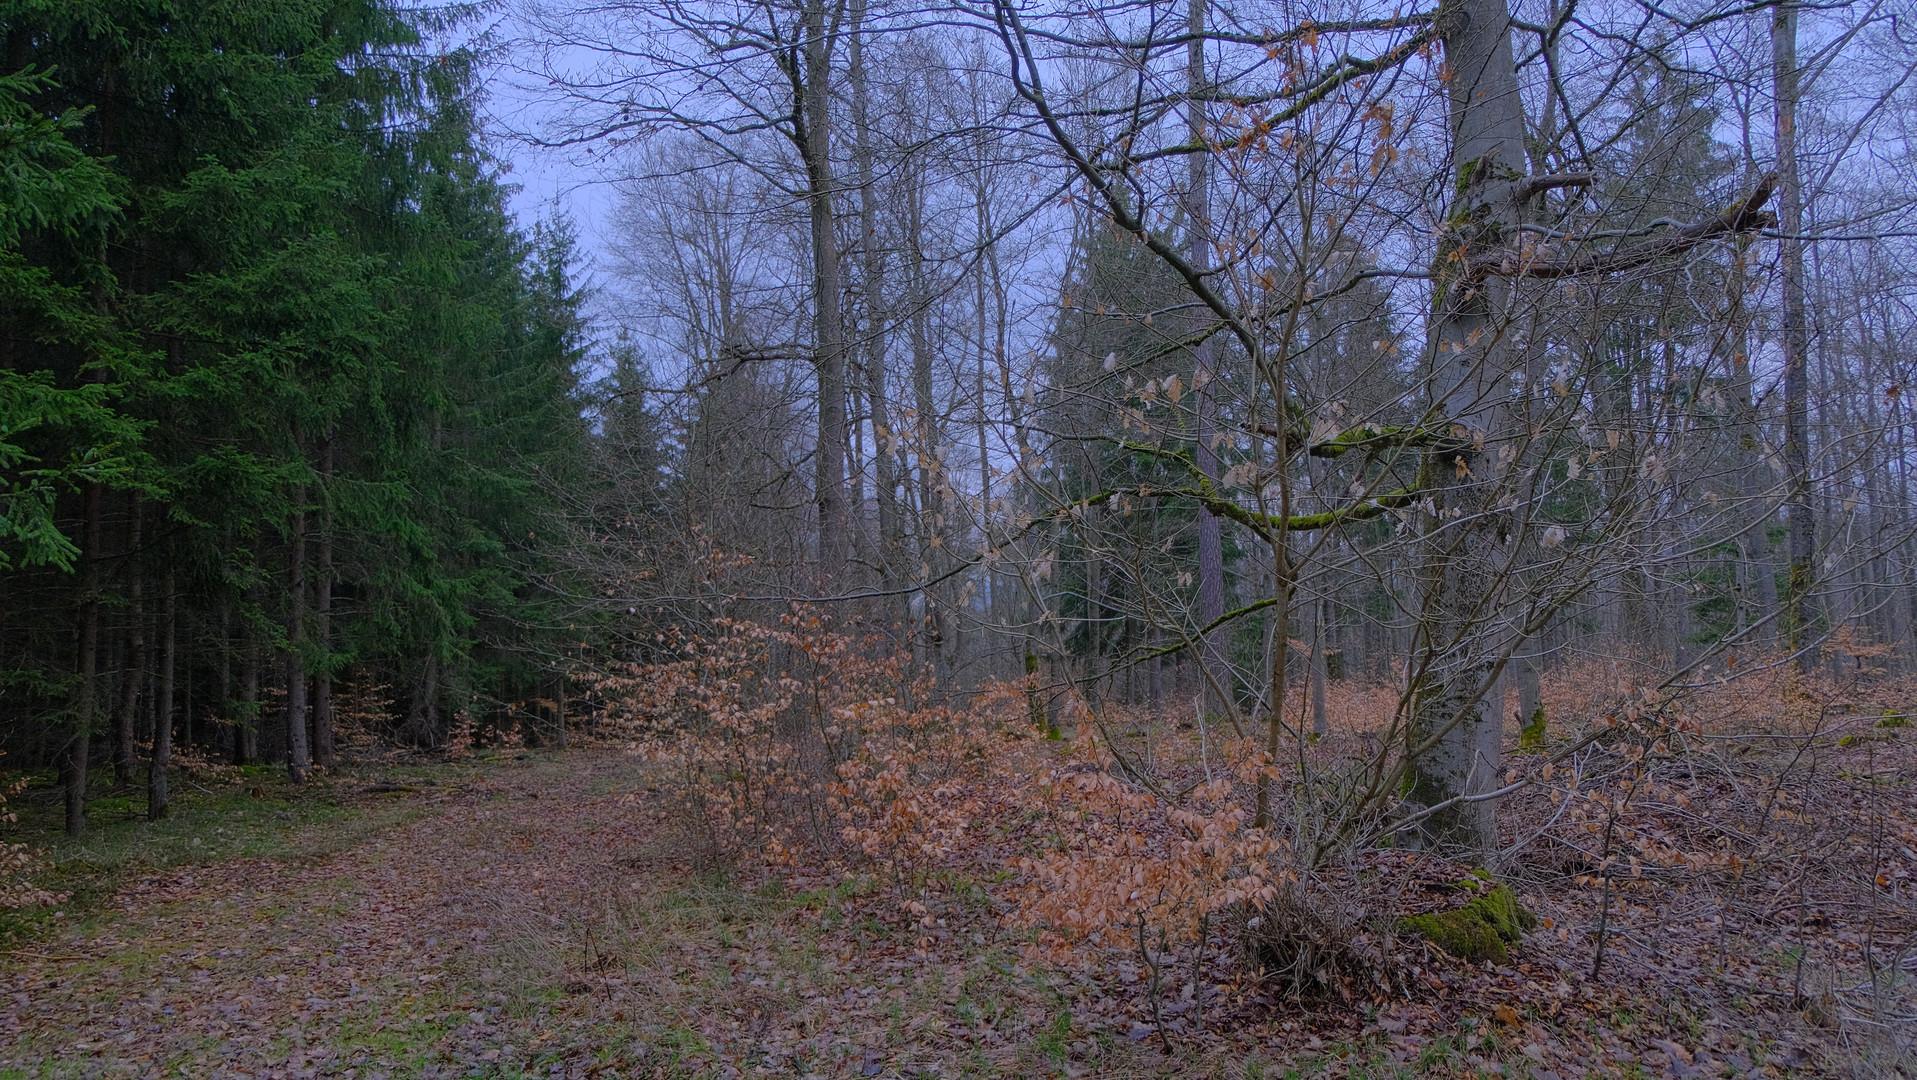 Spaziergang durch den Wald, 2 (paseando por el bosque, 2)